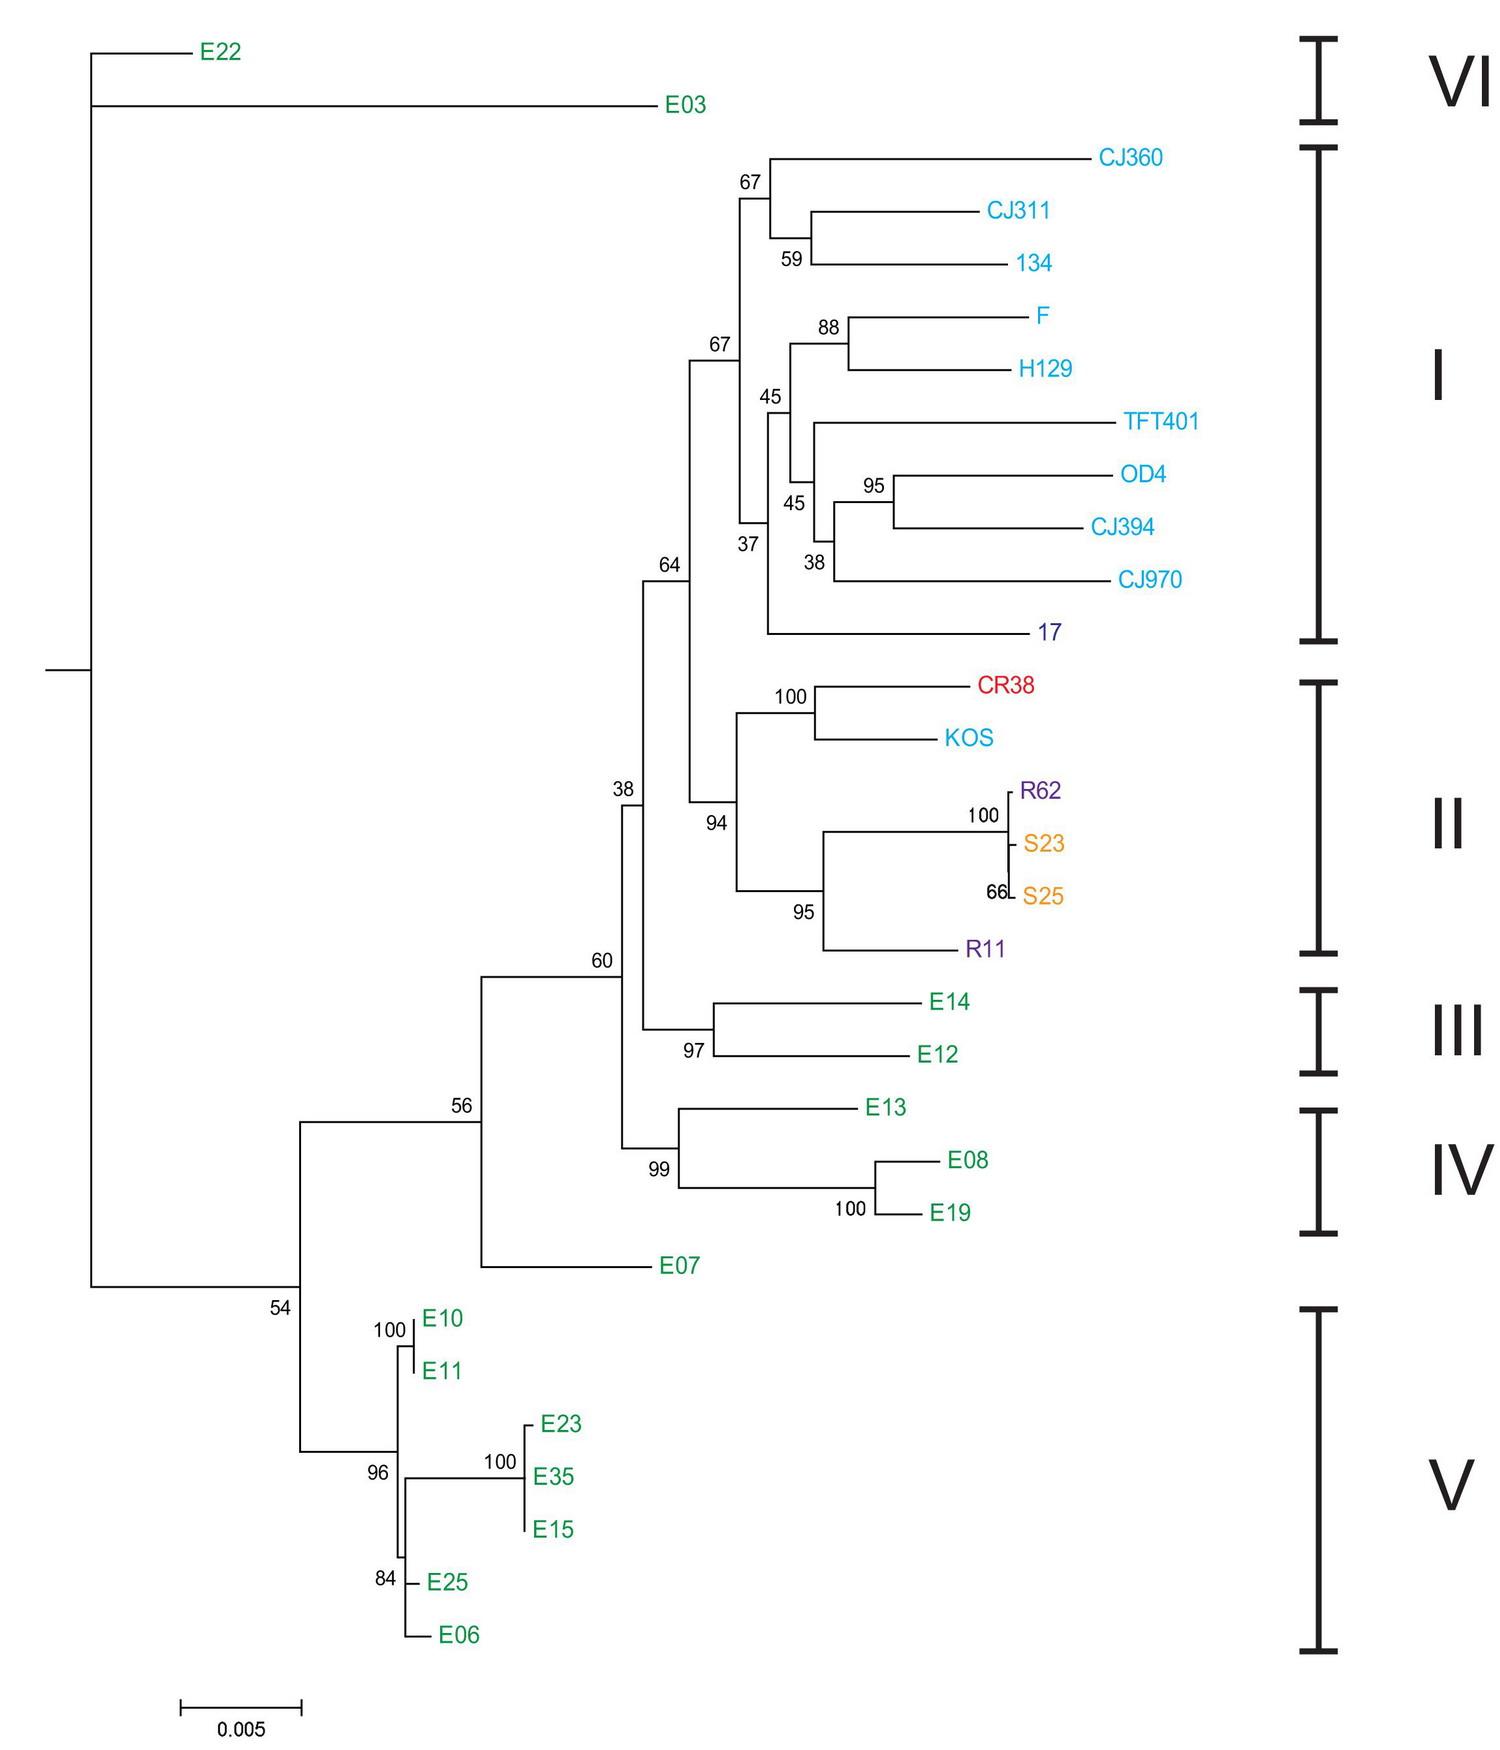 hsv-tree.jpg